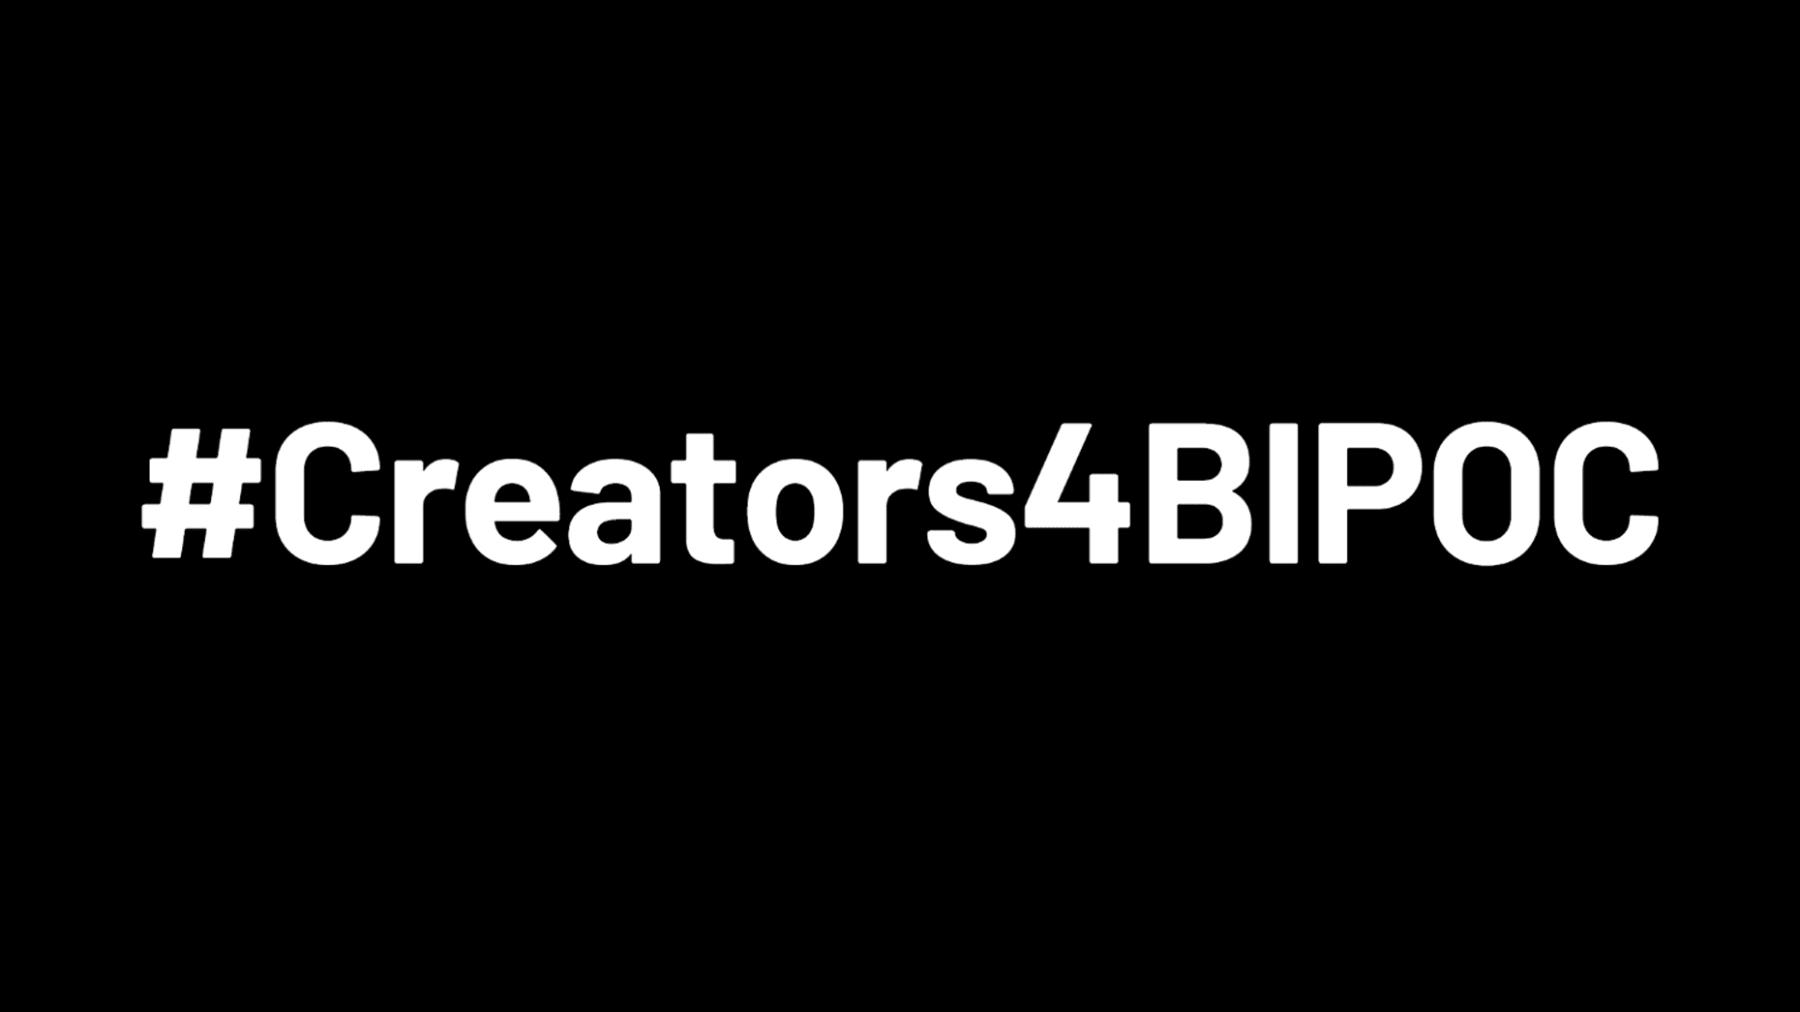 creators4bipoc